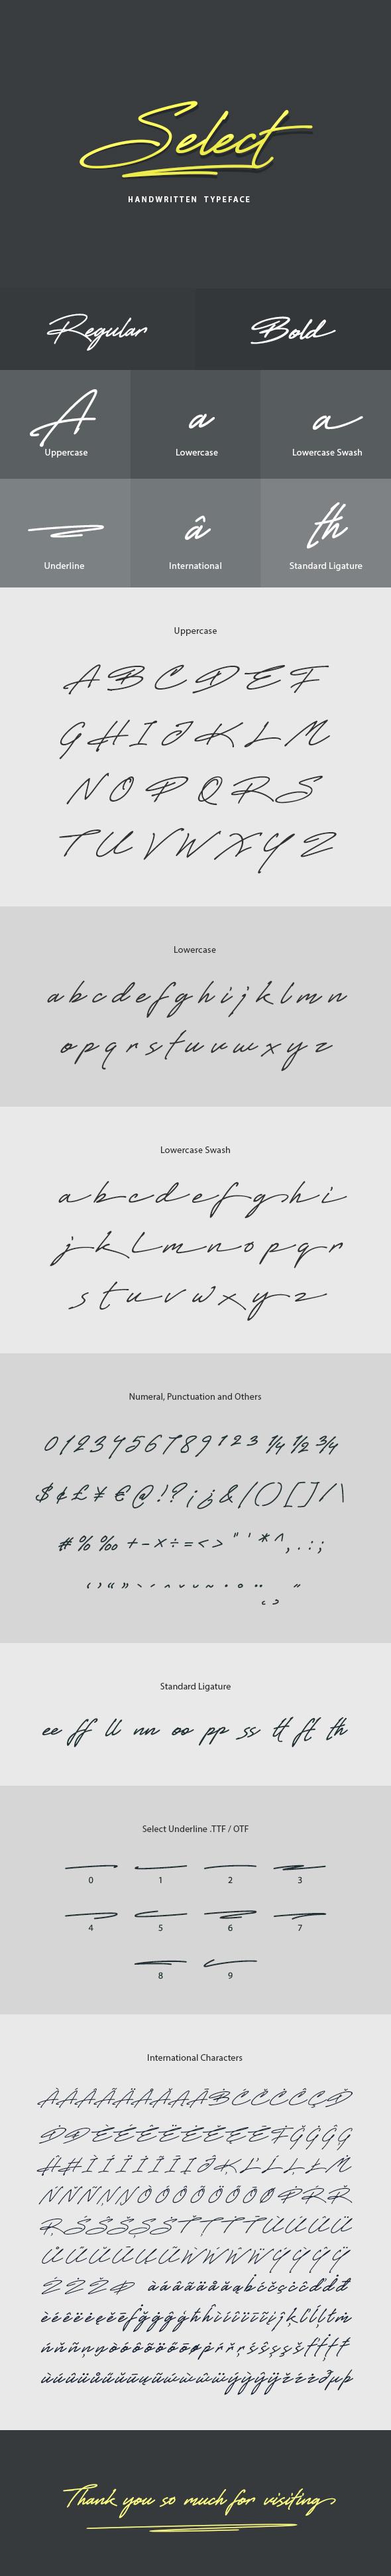 Select Handwritten Font - Hand-writing Script